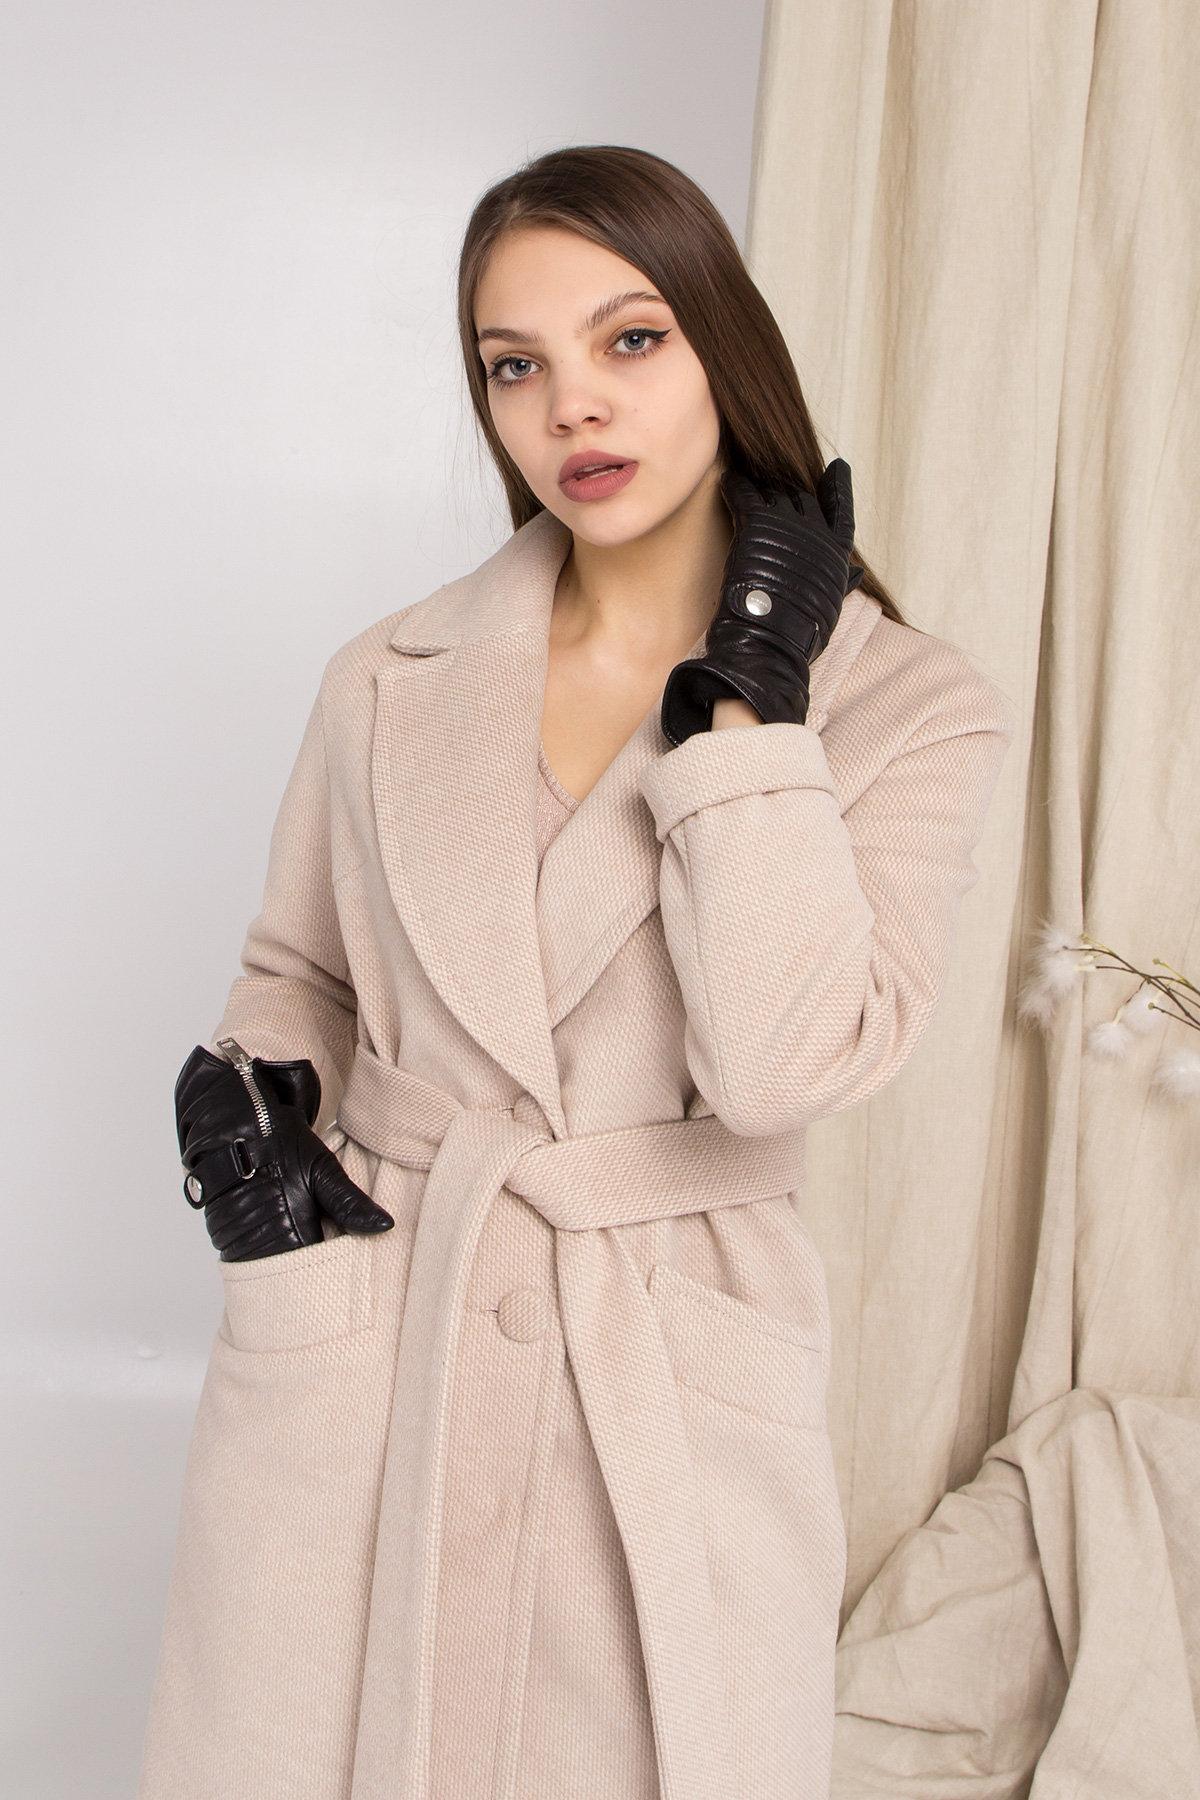 Кашемировое пальто Вейсона 8803 АРТ. 45174 Цвет: Бежевый - фото 6, интернет магазин tm-modus.ru